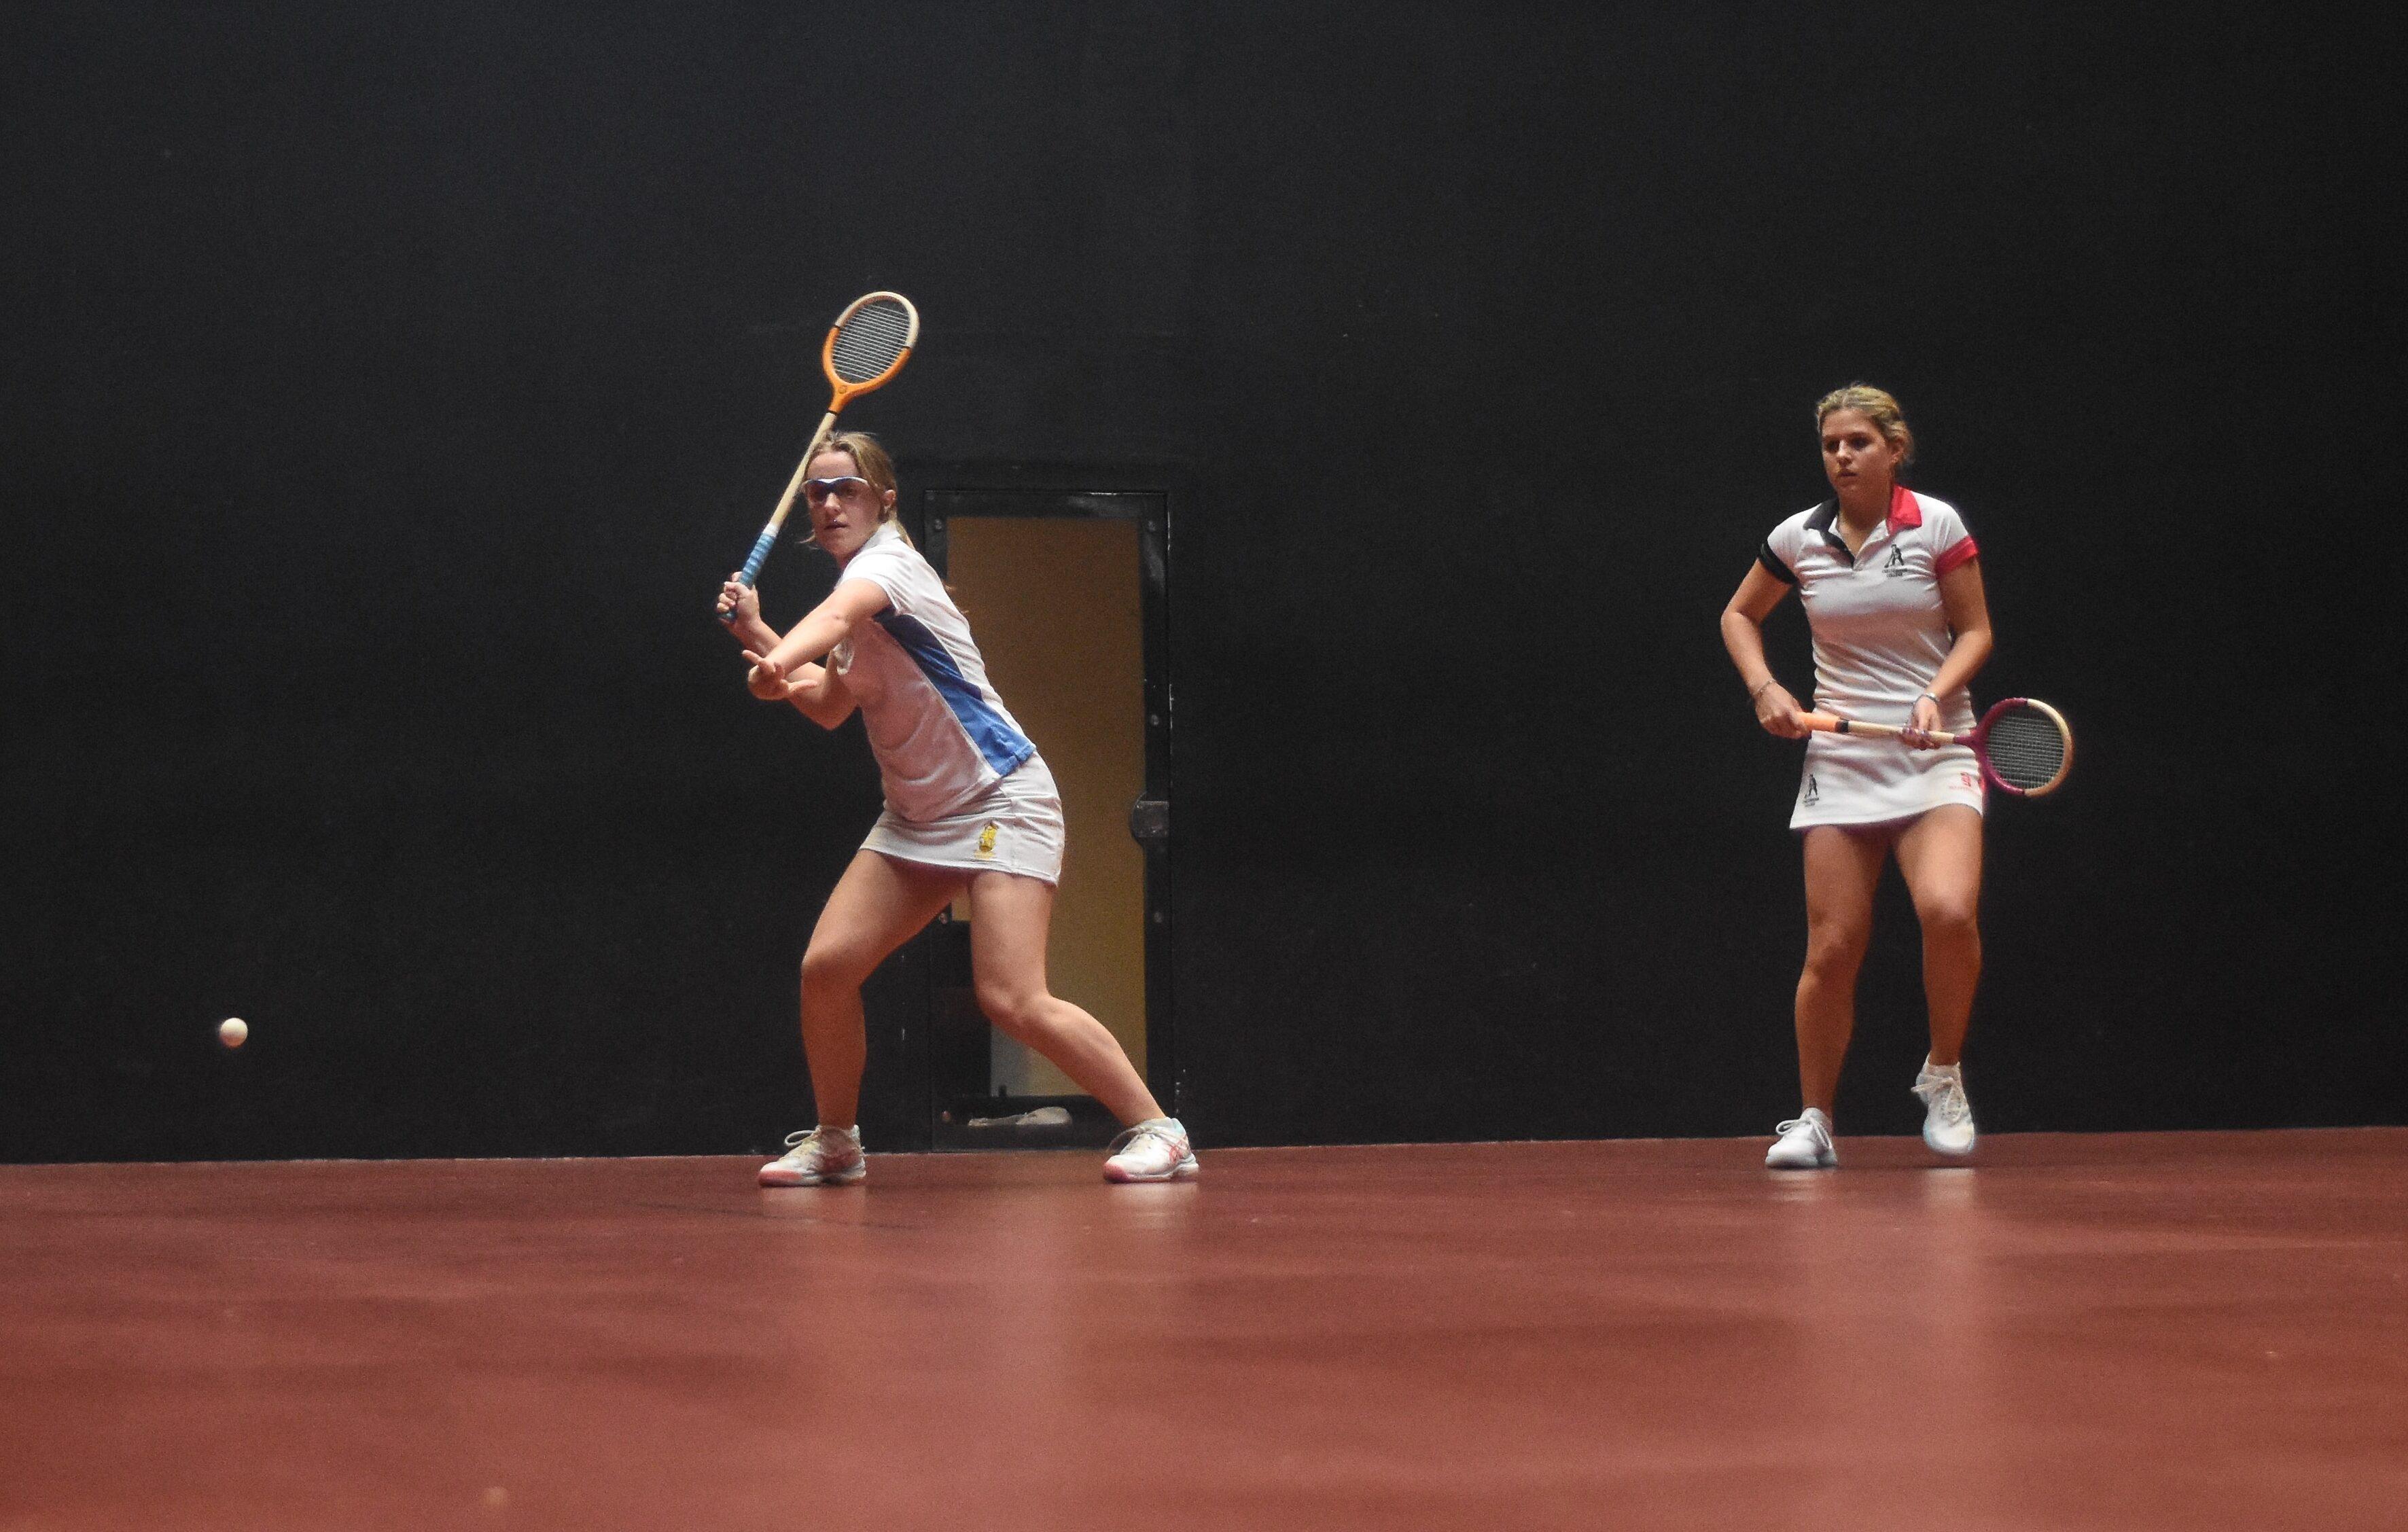 Schoolgirls in action